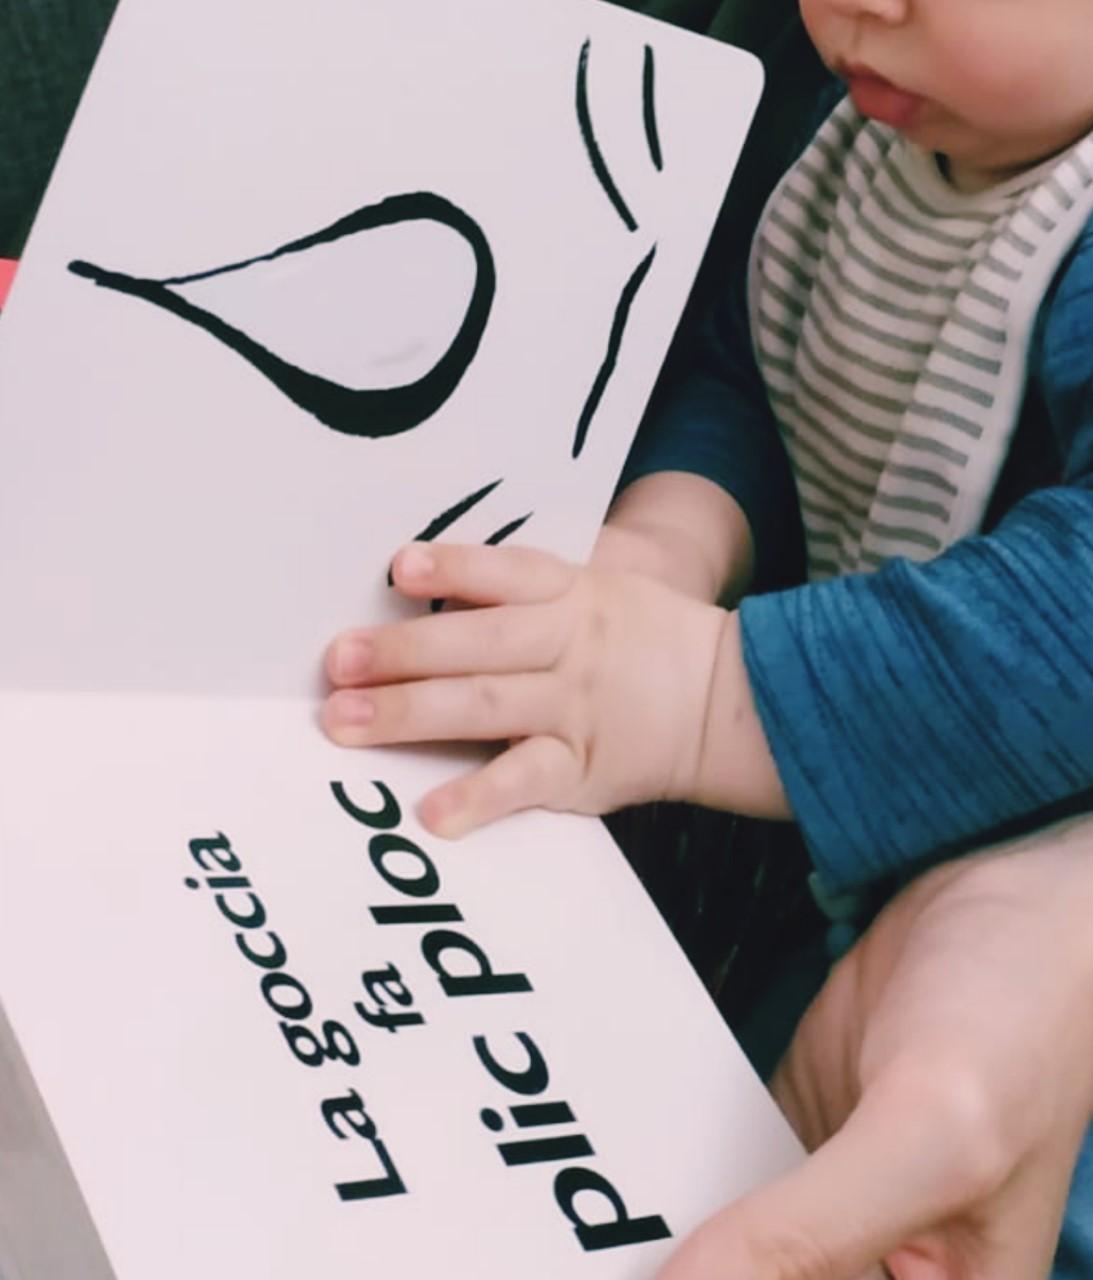 Nati per leggere: la promozione della lettura ad alta voce fin dalla tenera età